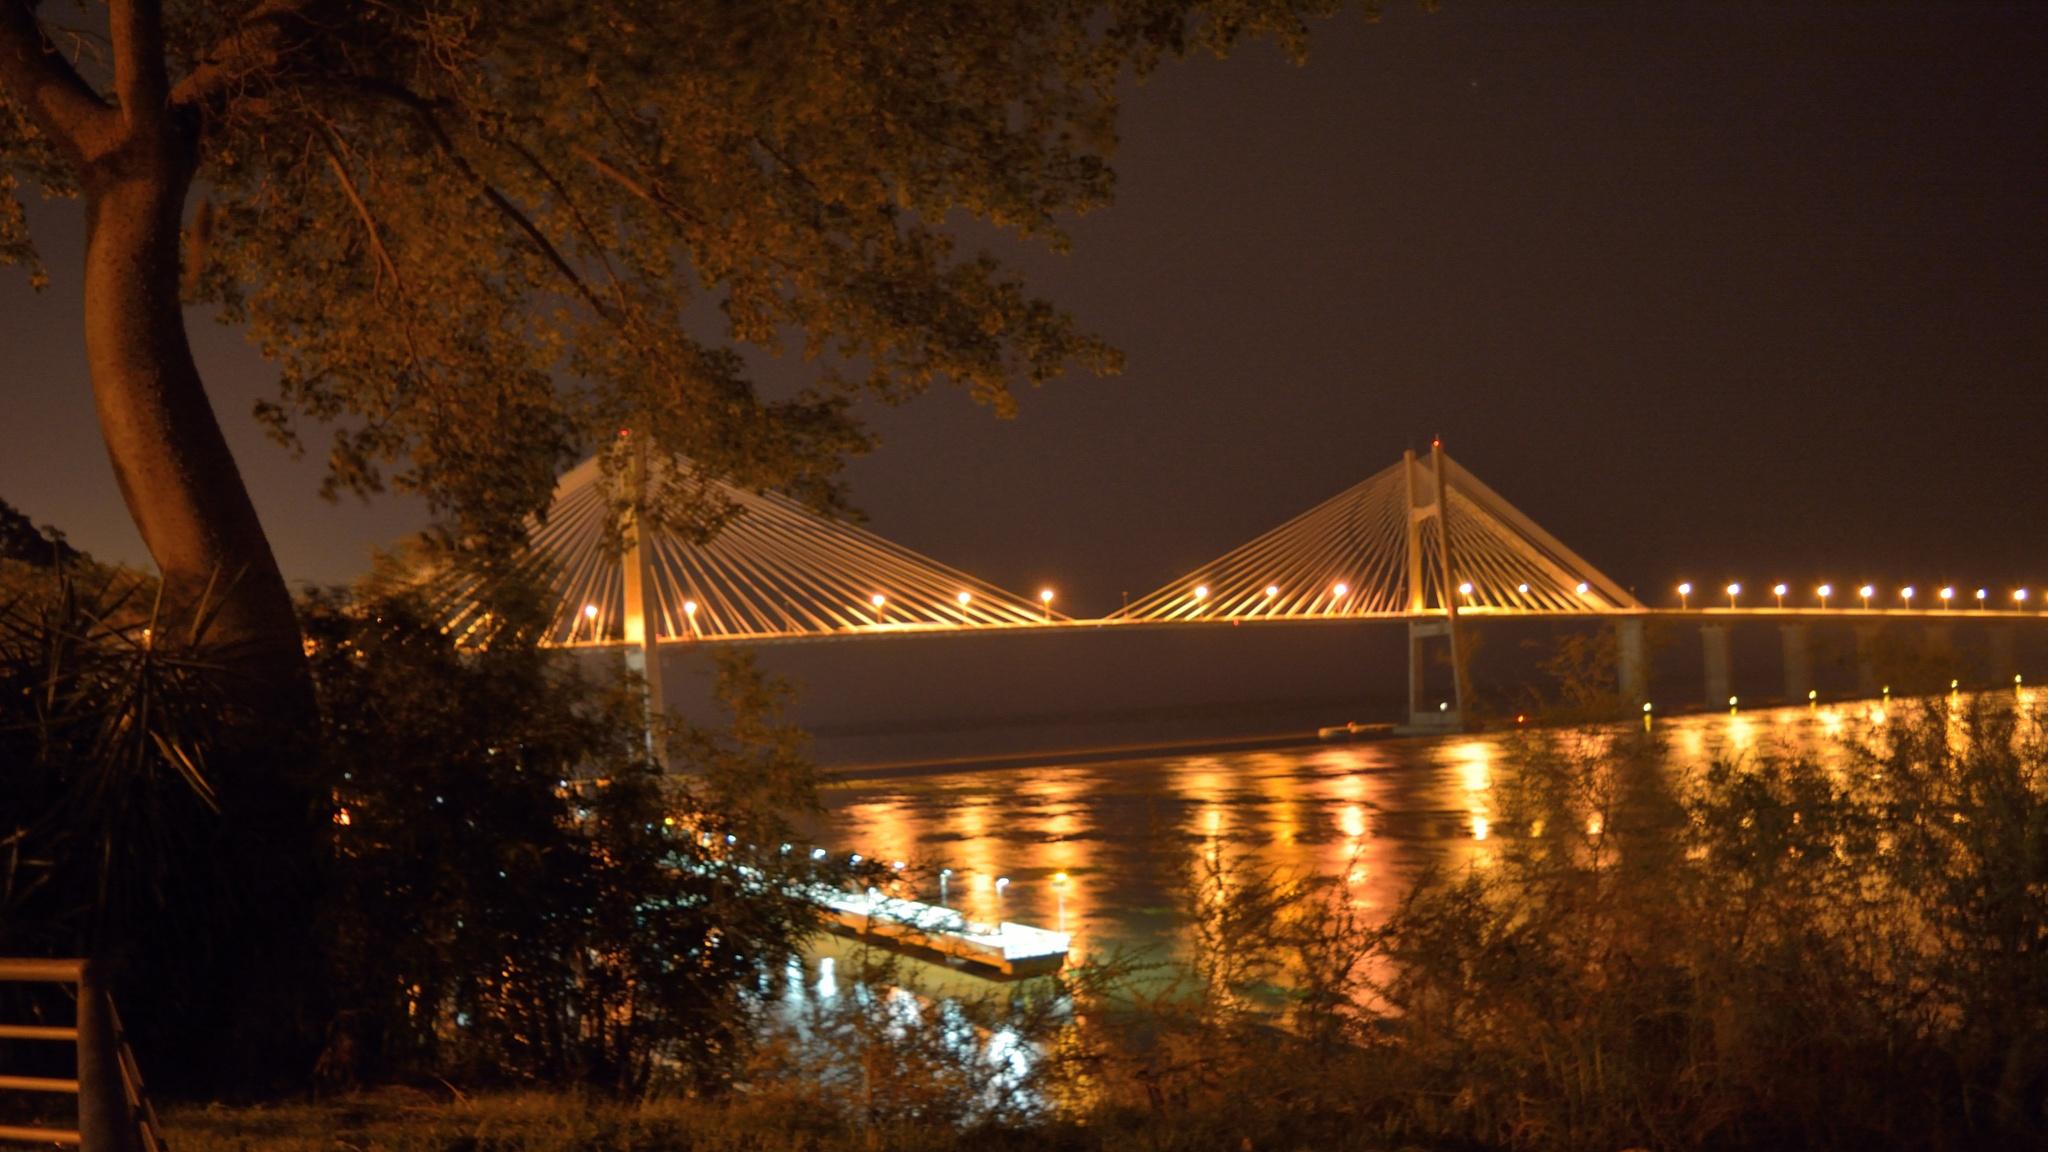 puente rosario victoria by Juan Manuel Davicco